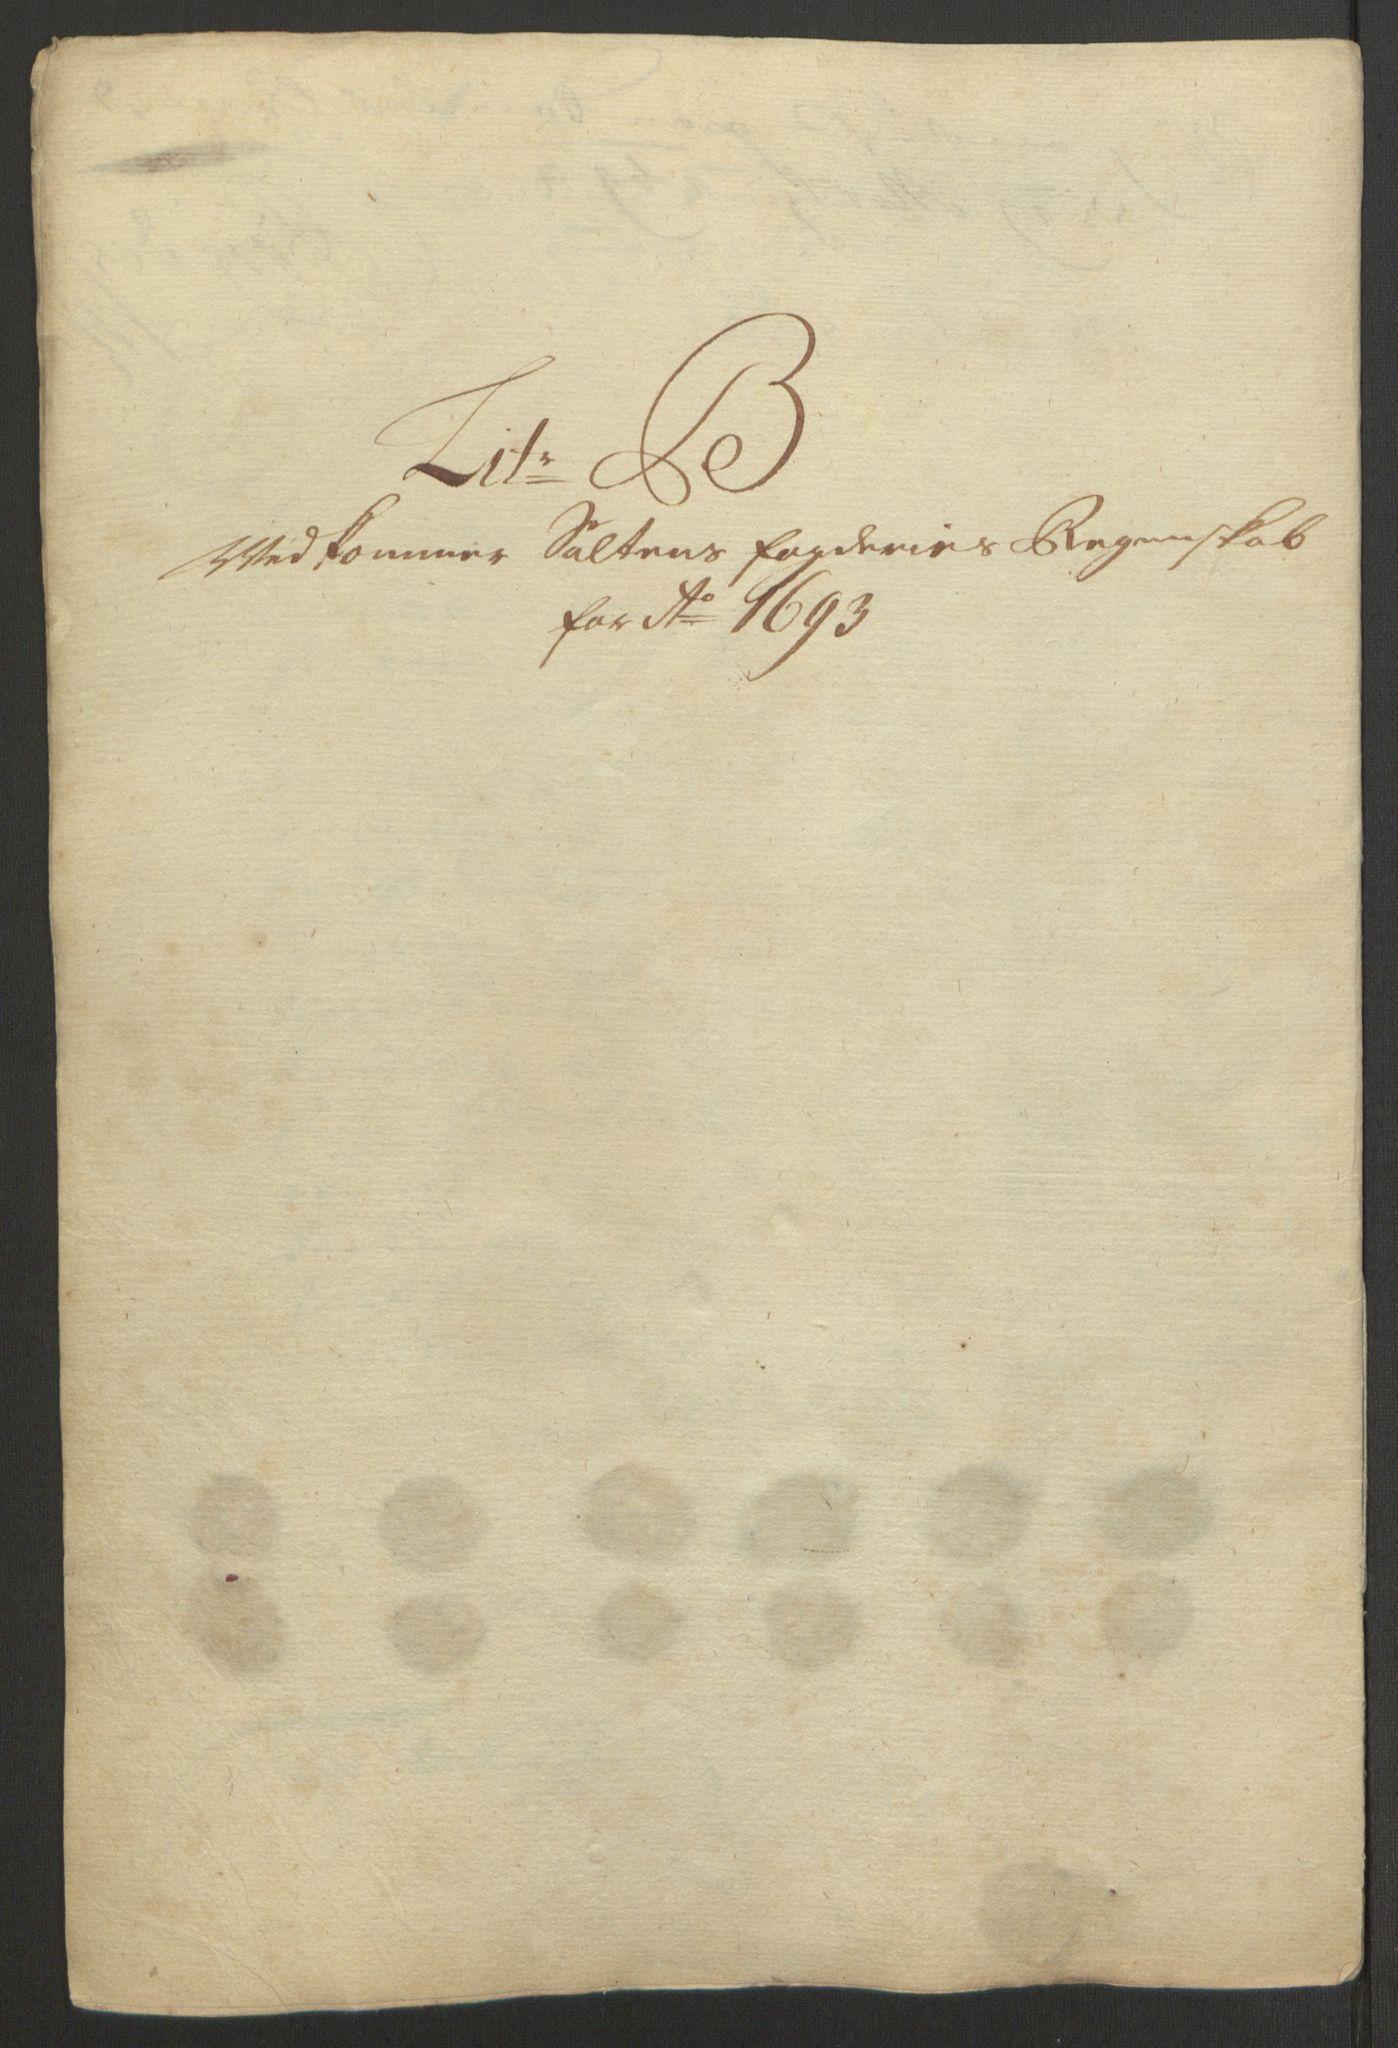 RA, Rentekammeret inntil 1814, Reviderte regnskaper, Fogderegnskap, R66/L4577: Fogderegnskap Salten, 1691-1693, s. 297